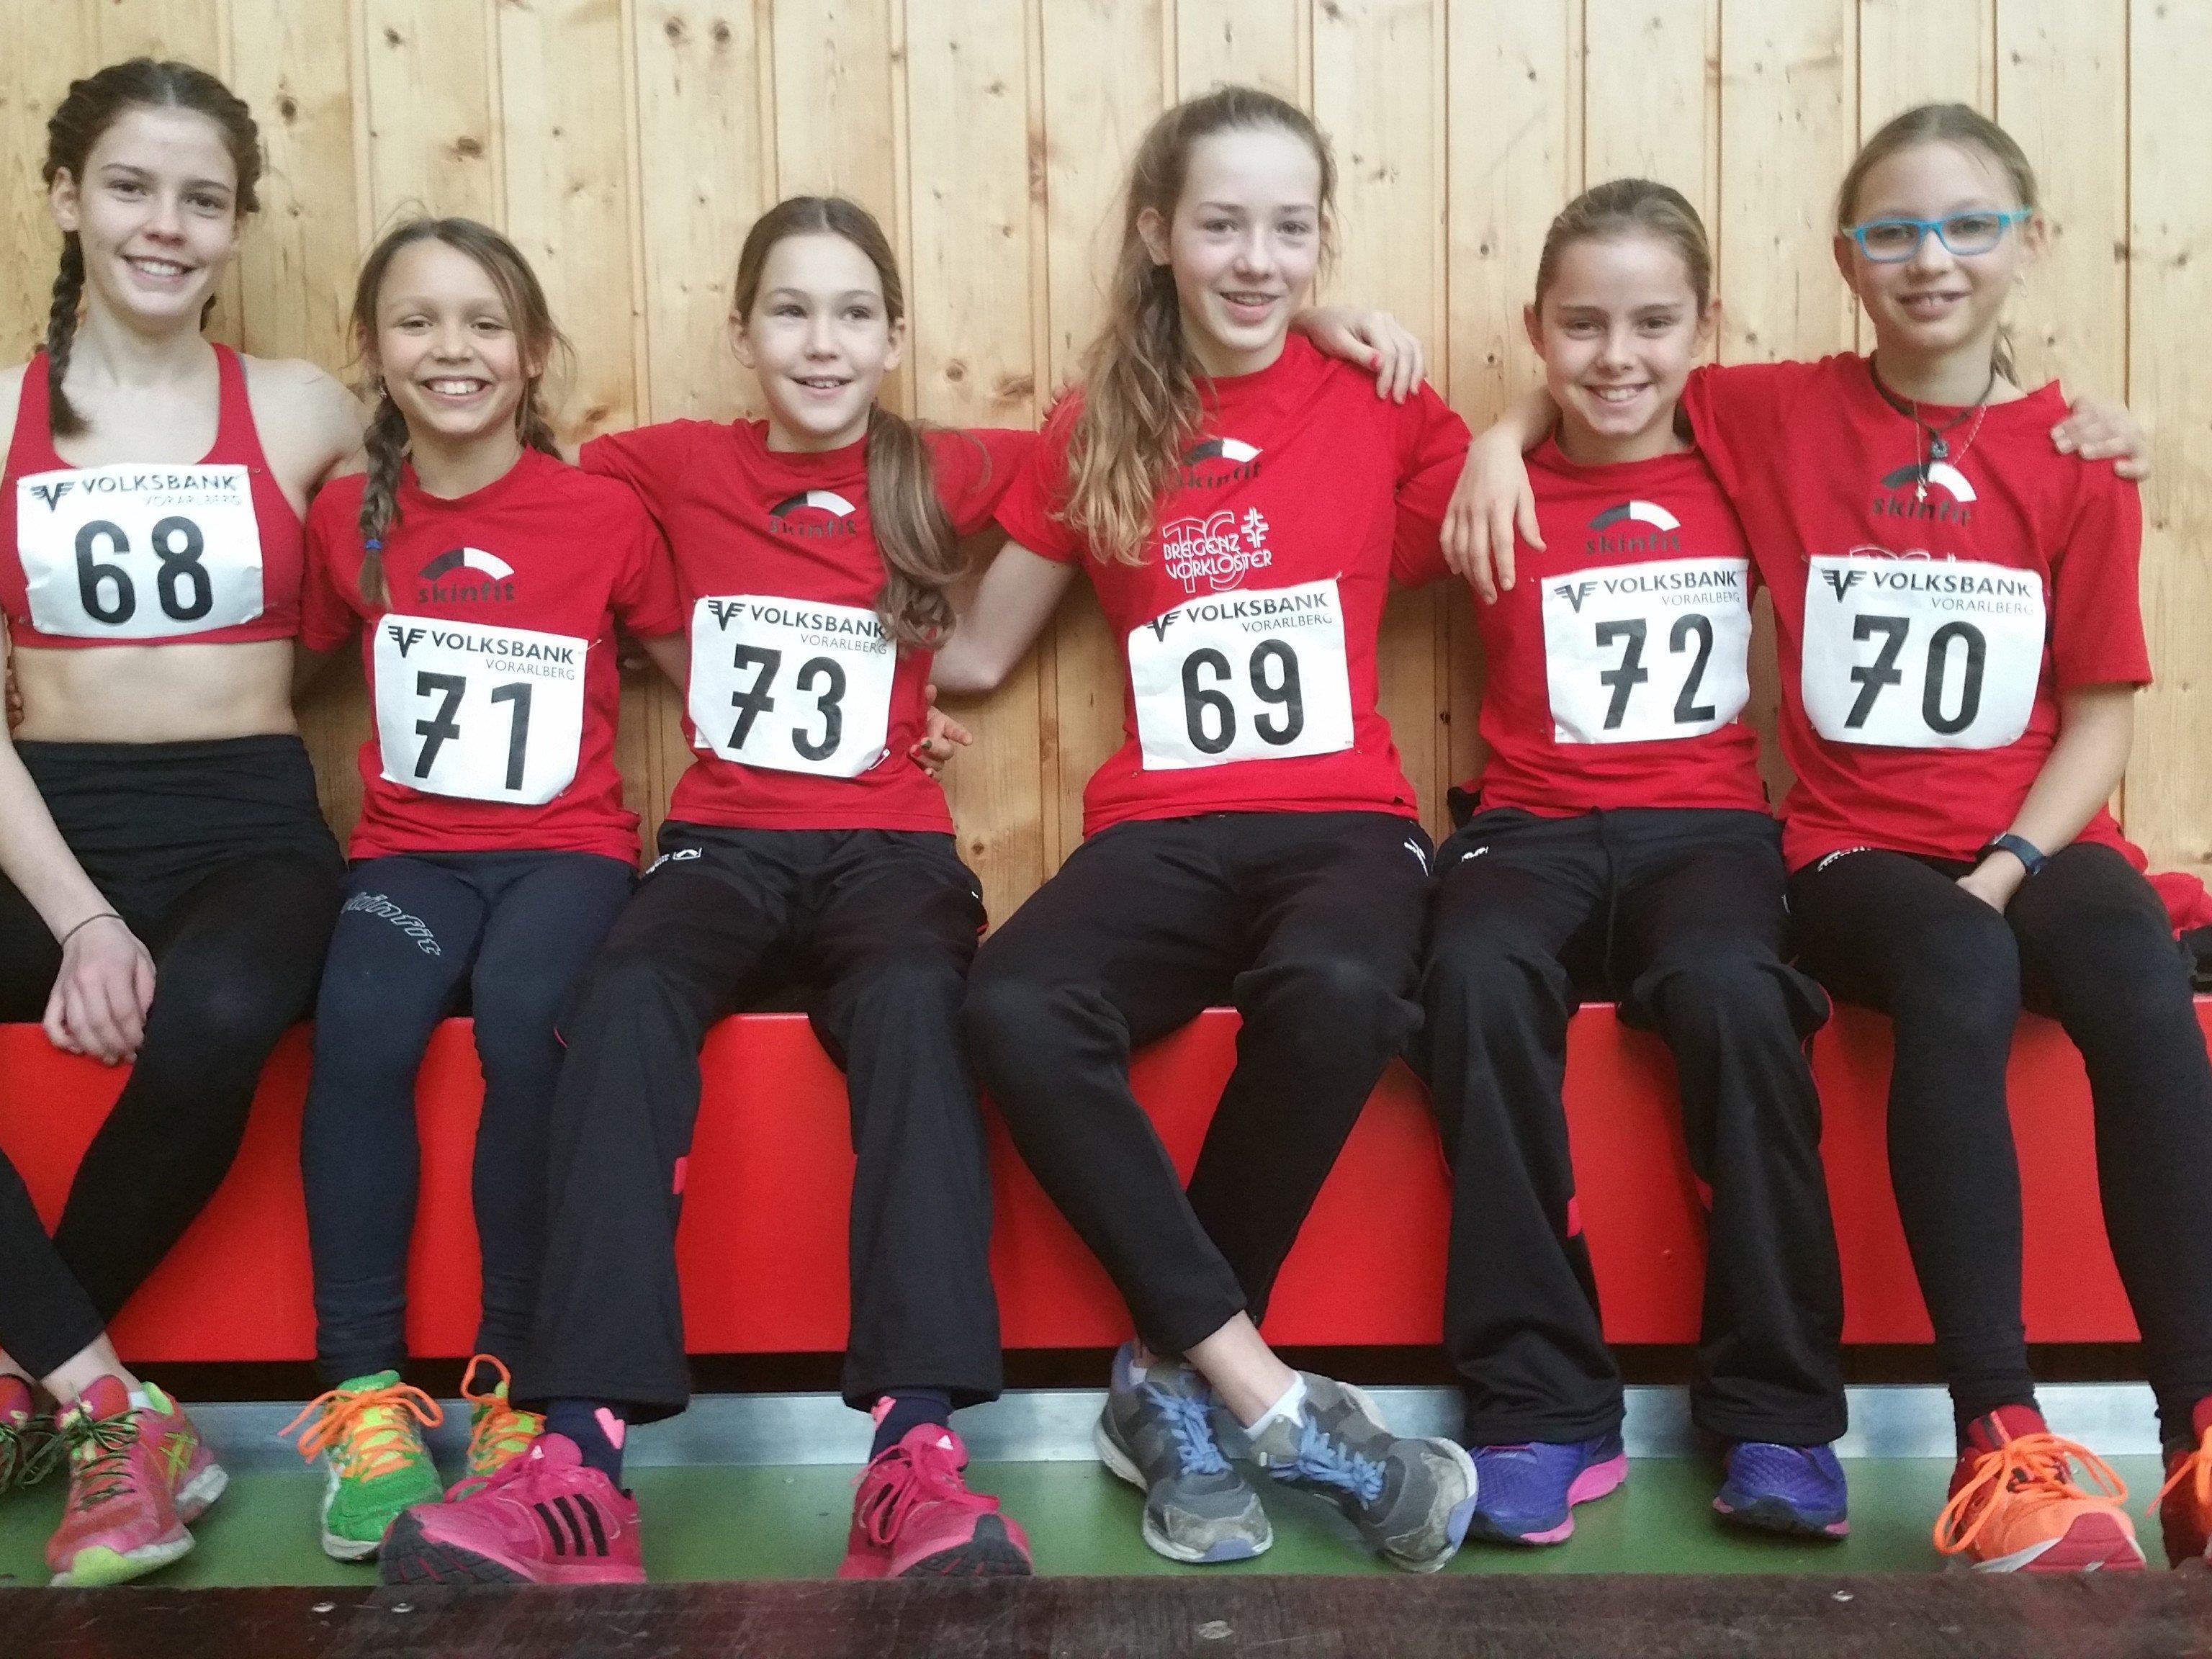 Die Teilnehmer der TS Bregenz-Vorkloster an den Vorarlberger Nachwuchs-Mehrkampfmeisterschaften.